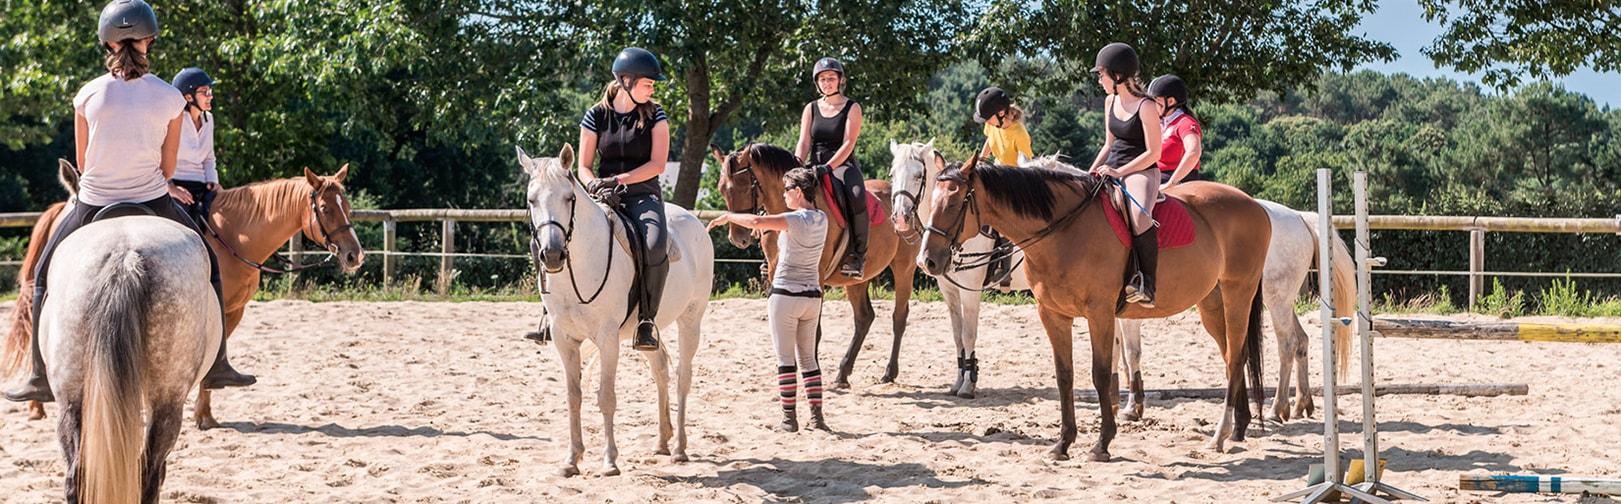 Cours d'équitation à l'année au centre équestre de Baden